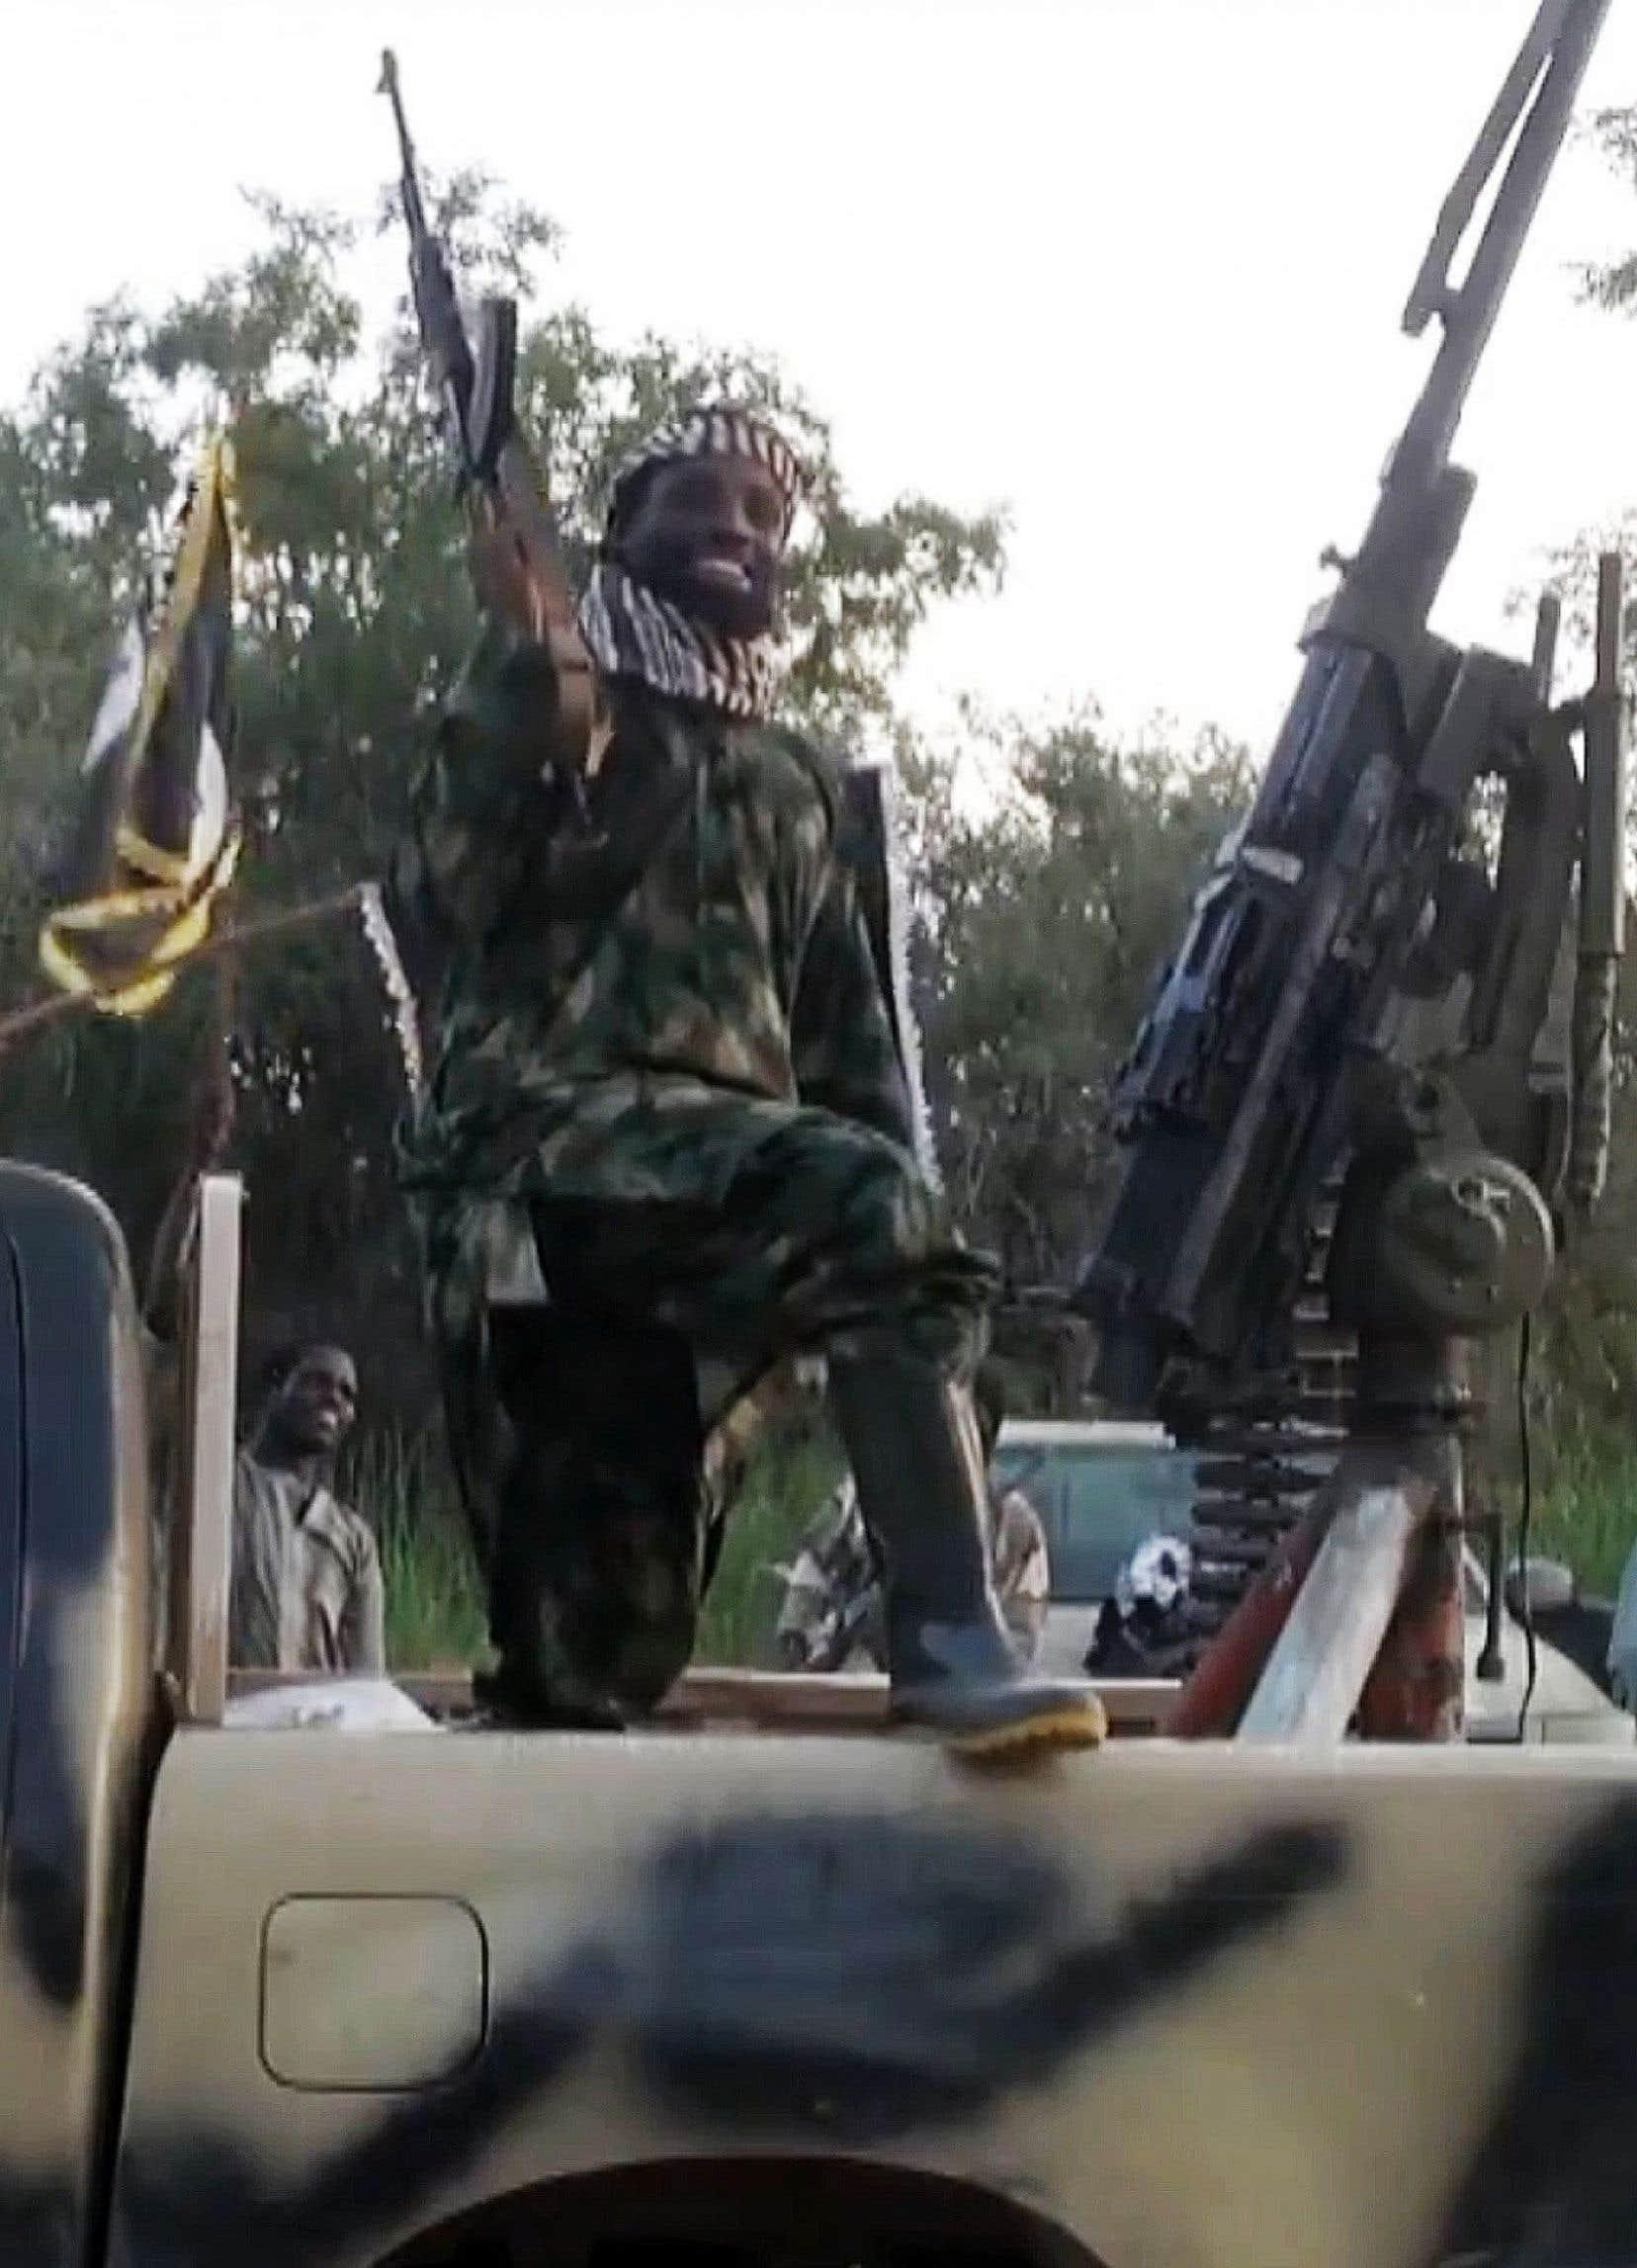 Le chef de Boko Haram, Abubakar Shekau